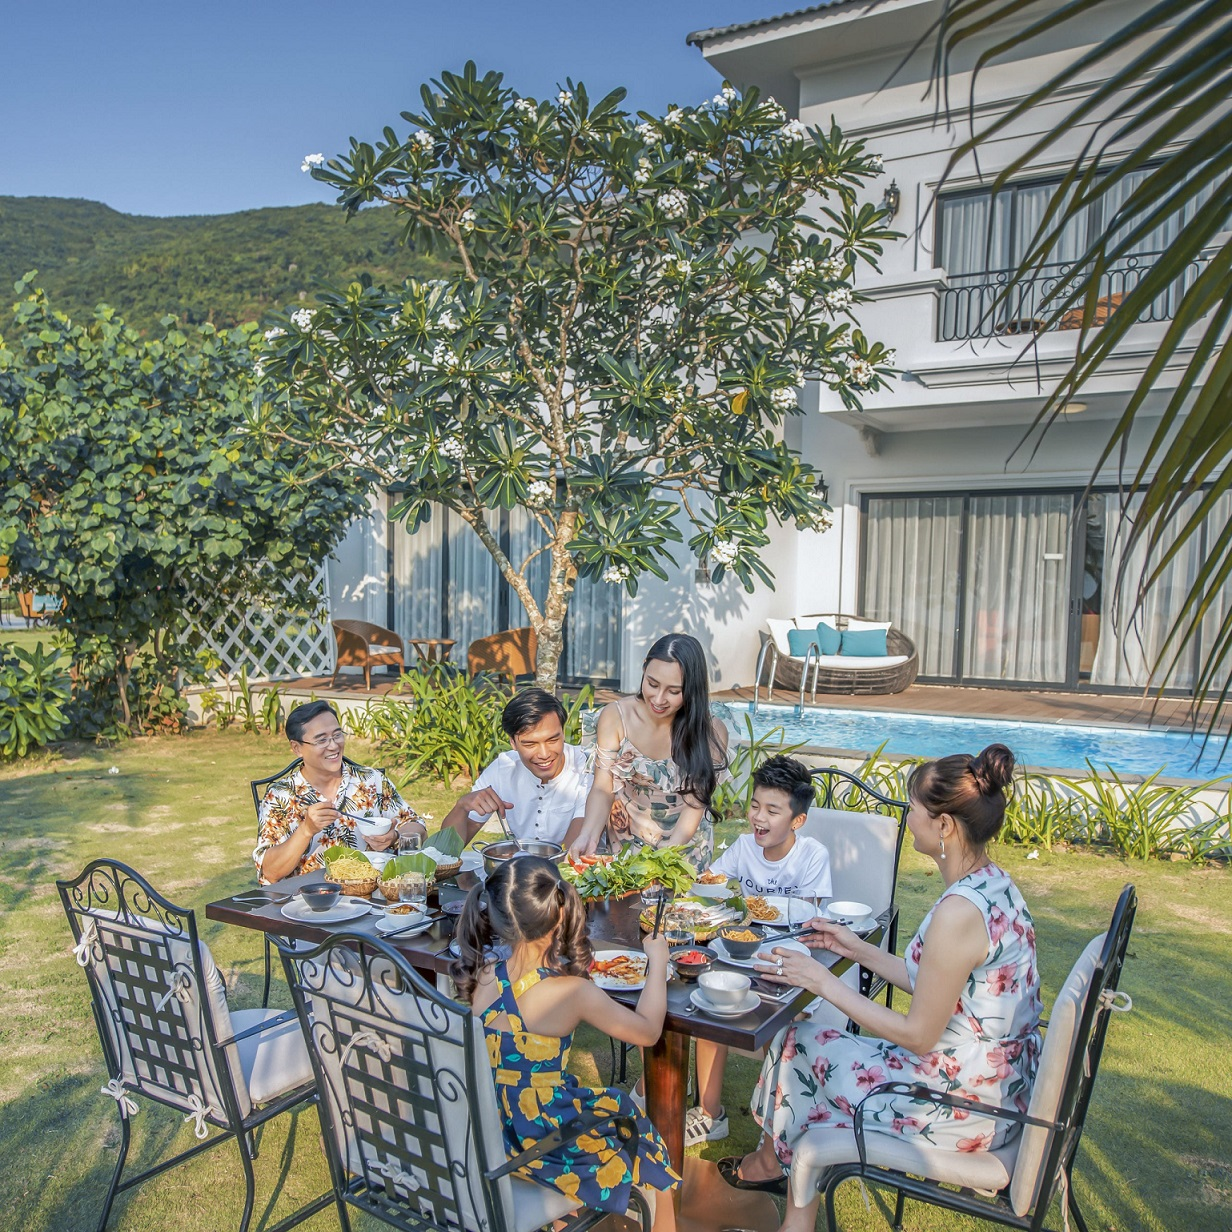 Vinpearl Discovery 1 Nha Trang là nơi nghỉ dưỡng tuyệt vời cho gia đình. Hình: Sưu tầm